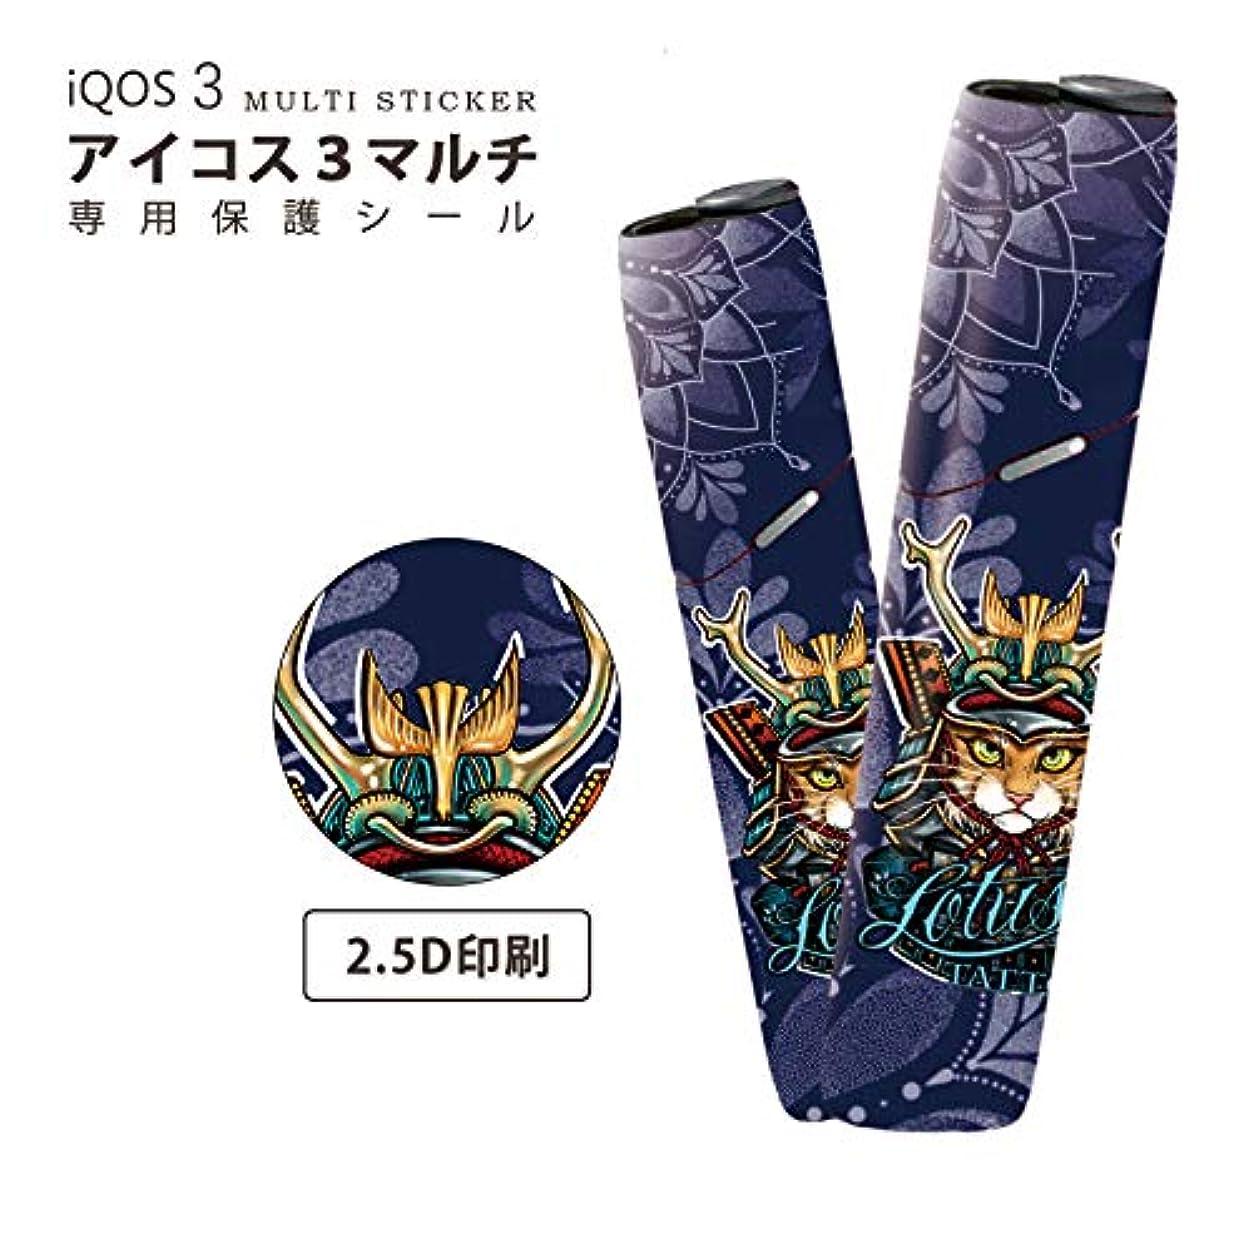 等々人に関する限りそれぞれ【SHIODOKI】アイコス3 マルチ シール IQOS 3 MULTI対応 iqos3マルチ 2.5D印刷スキンシール ステッカー 全面保護フィルム カバー サムライ猫 3M (本多ニャン)